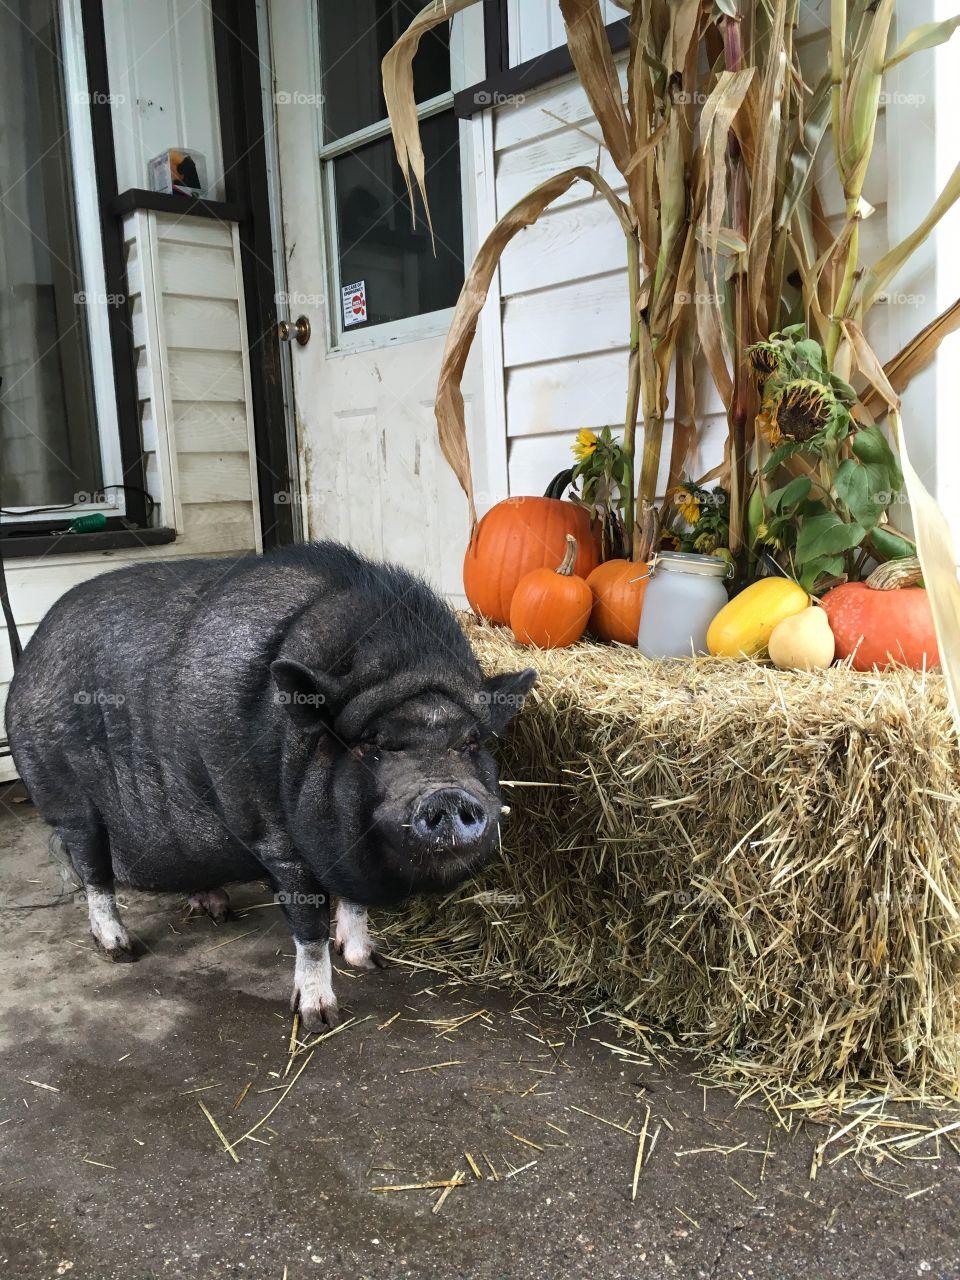 Thanksgiving pig that's not dinner!